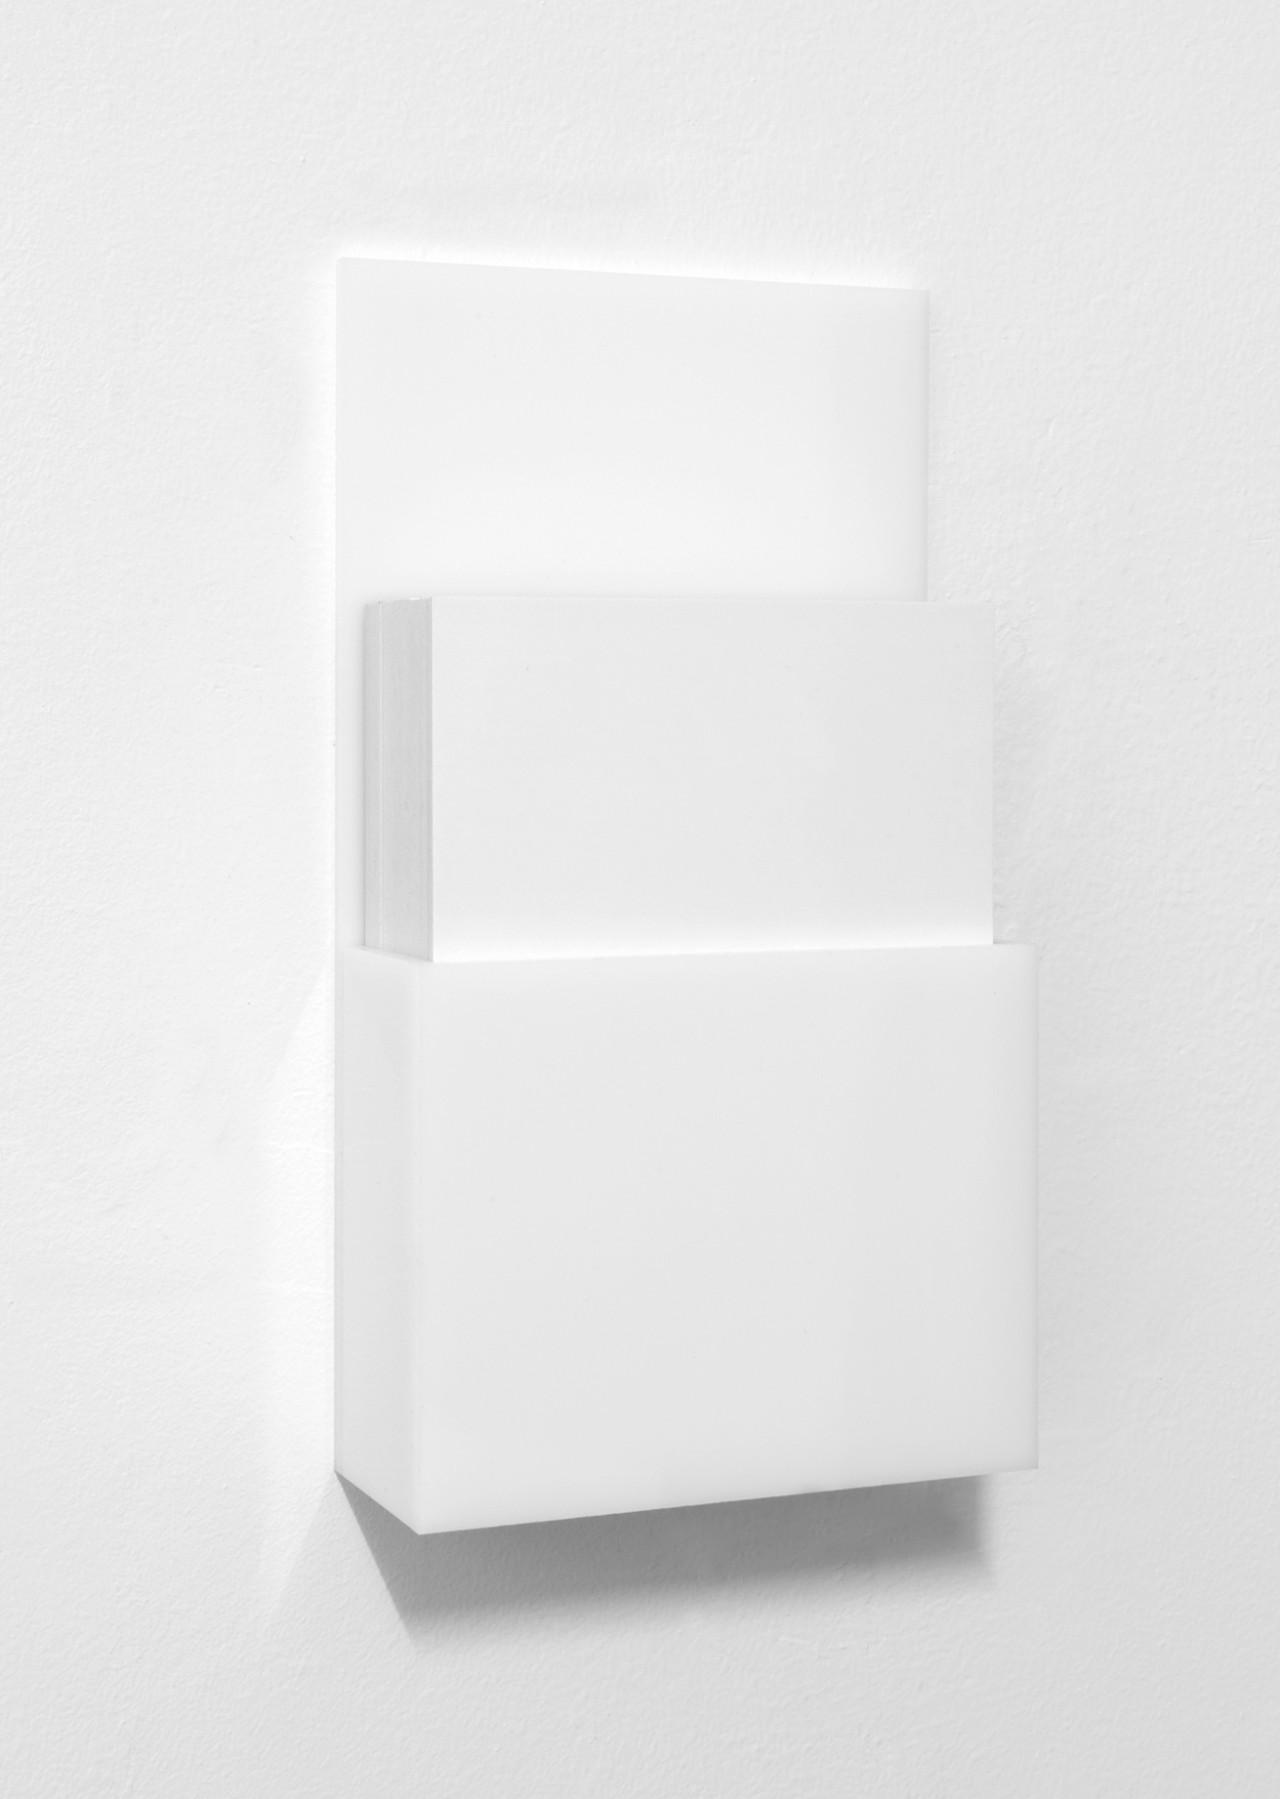 Ben Van den Berghe Text Works, Nadar, Antwerp, 2010